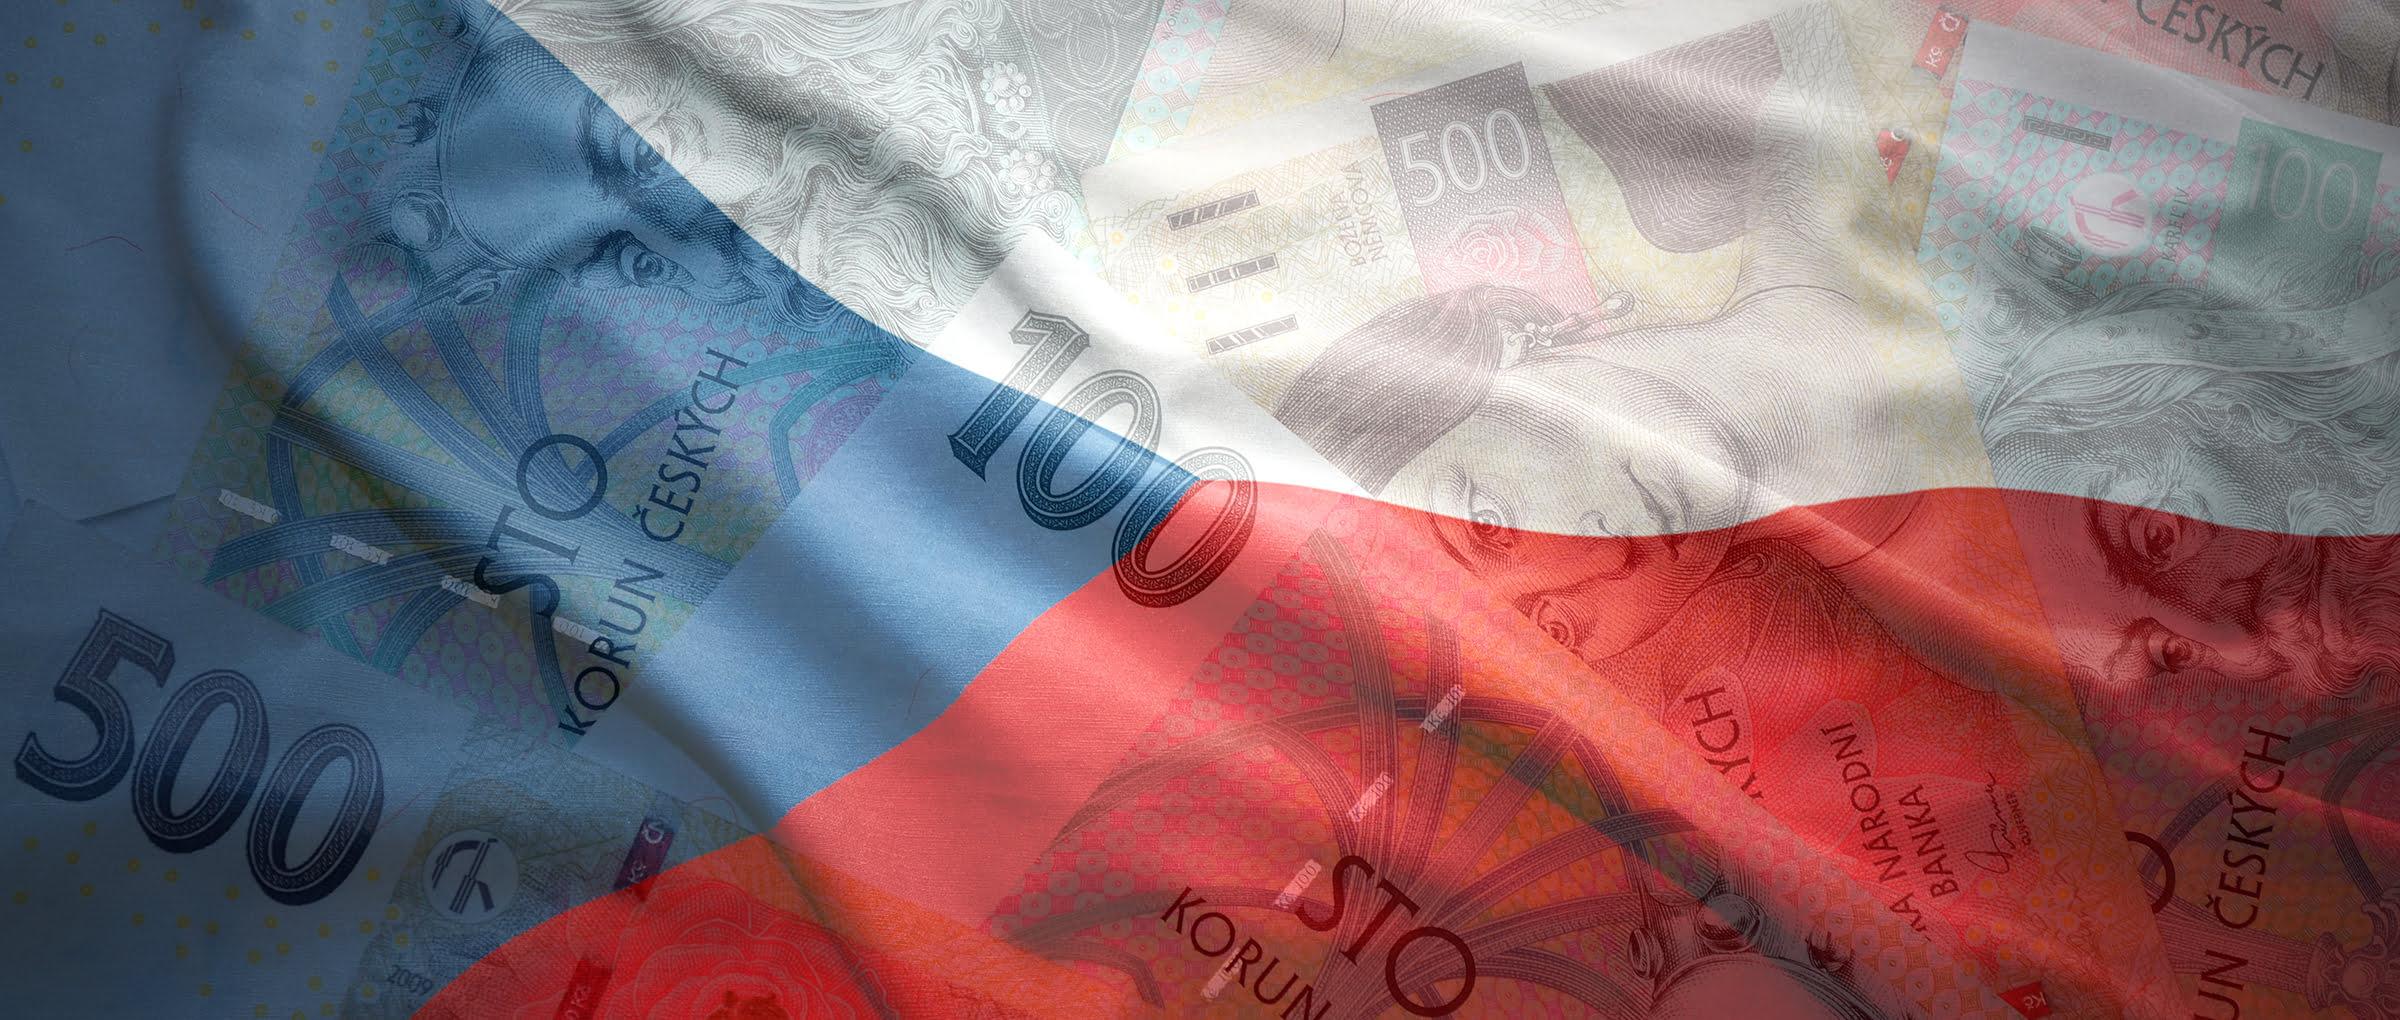 Coste de la ovodonación en la República Checa